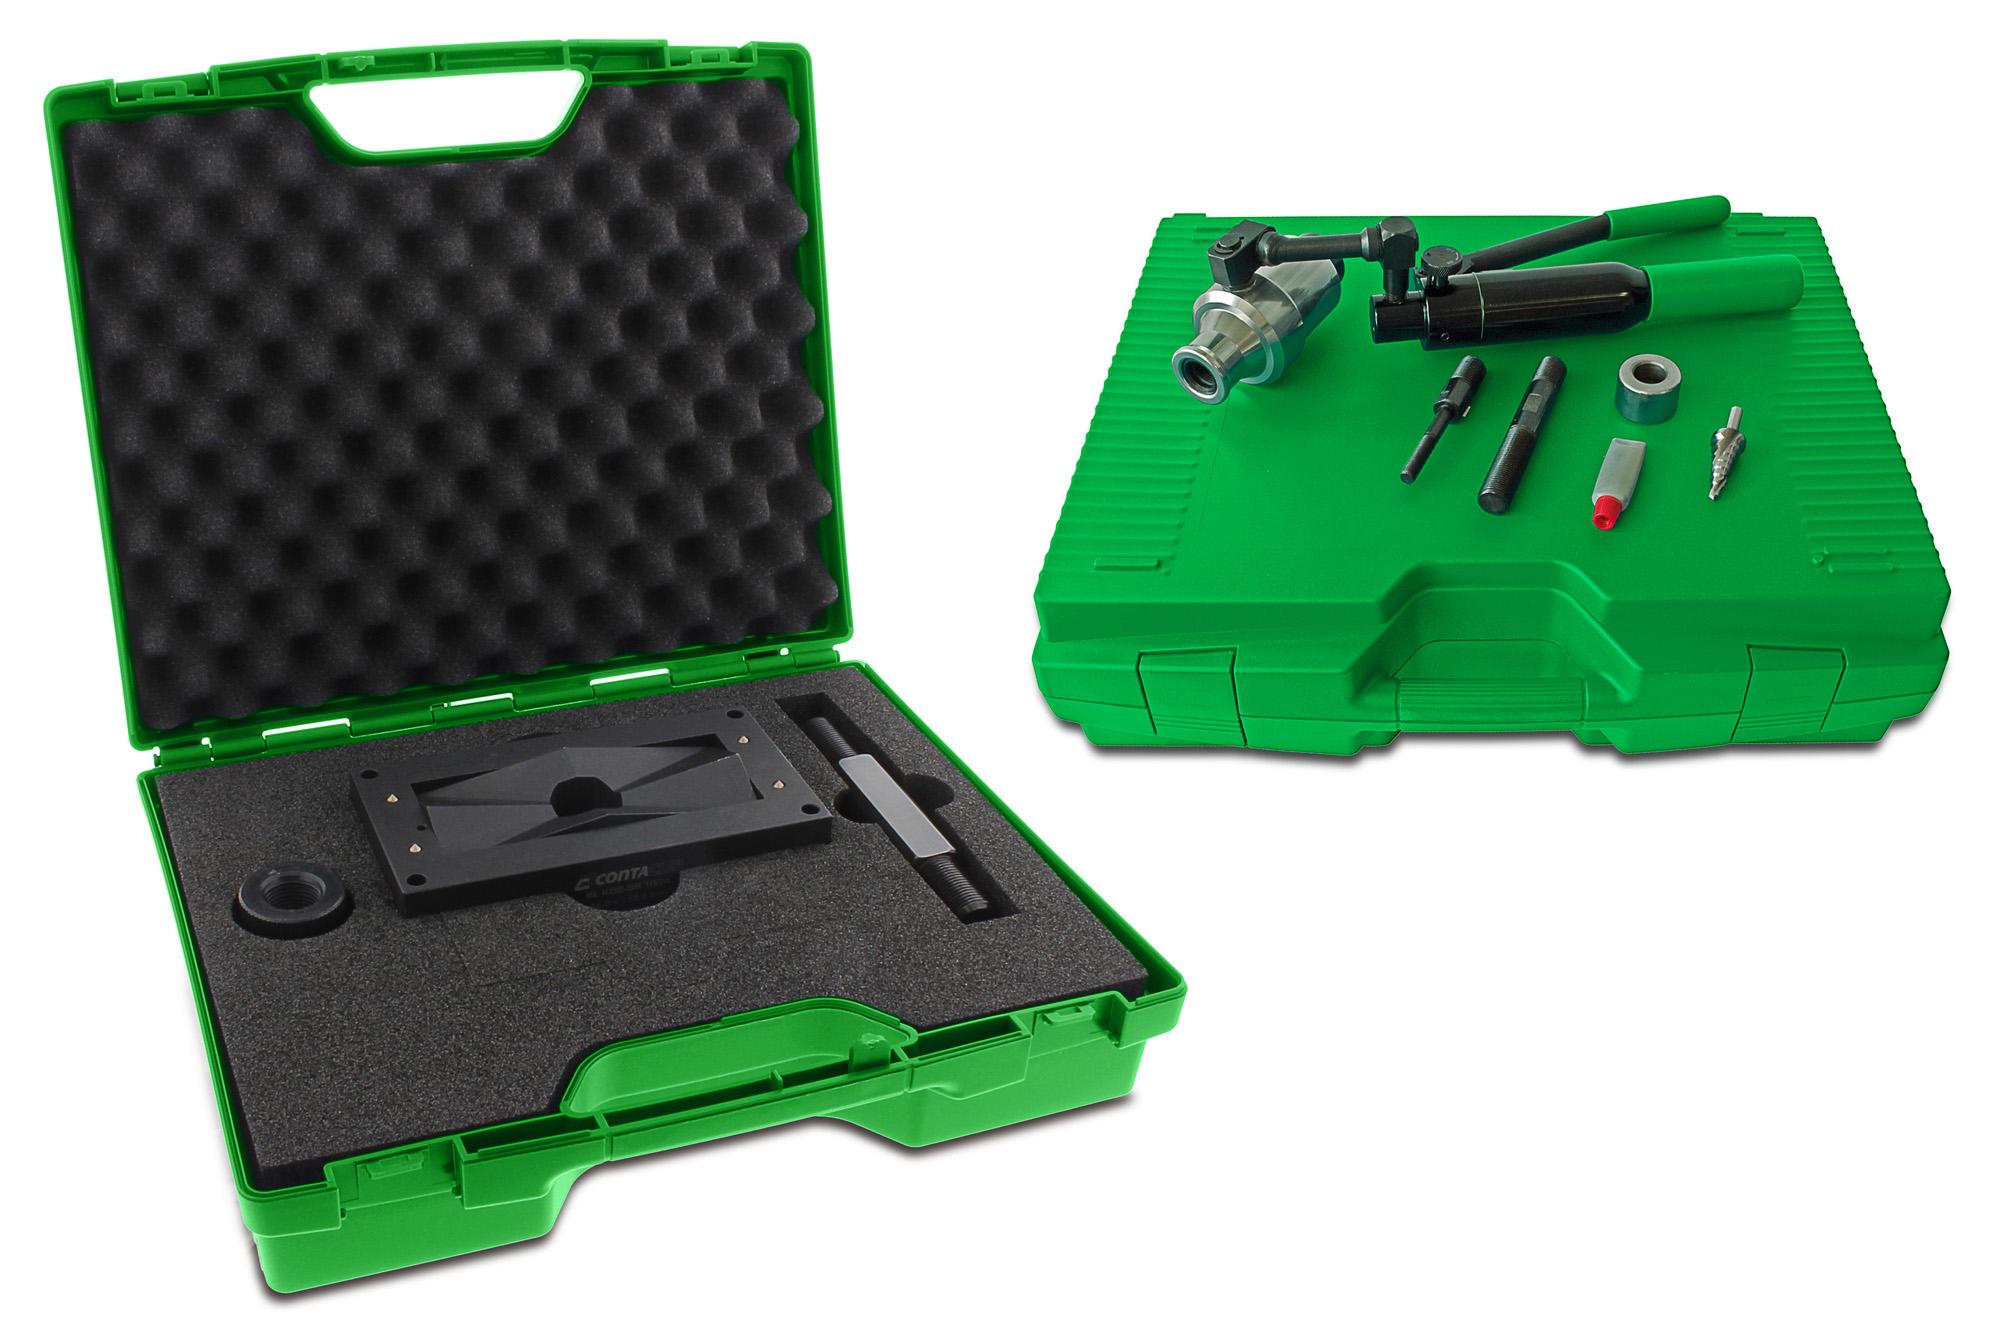 Hydraulische Handpumpe und Stanzwerkzeug von Conta-Clip für Schaltschranköffnungen (Bild: Conta-Clip Verbindungstechnik GmbH)